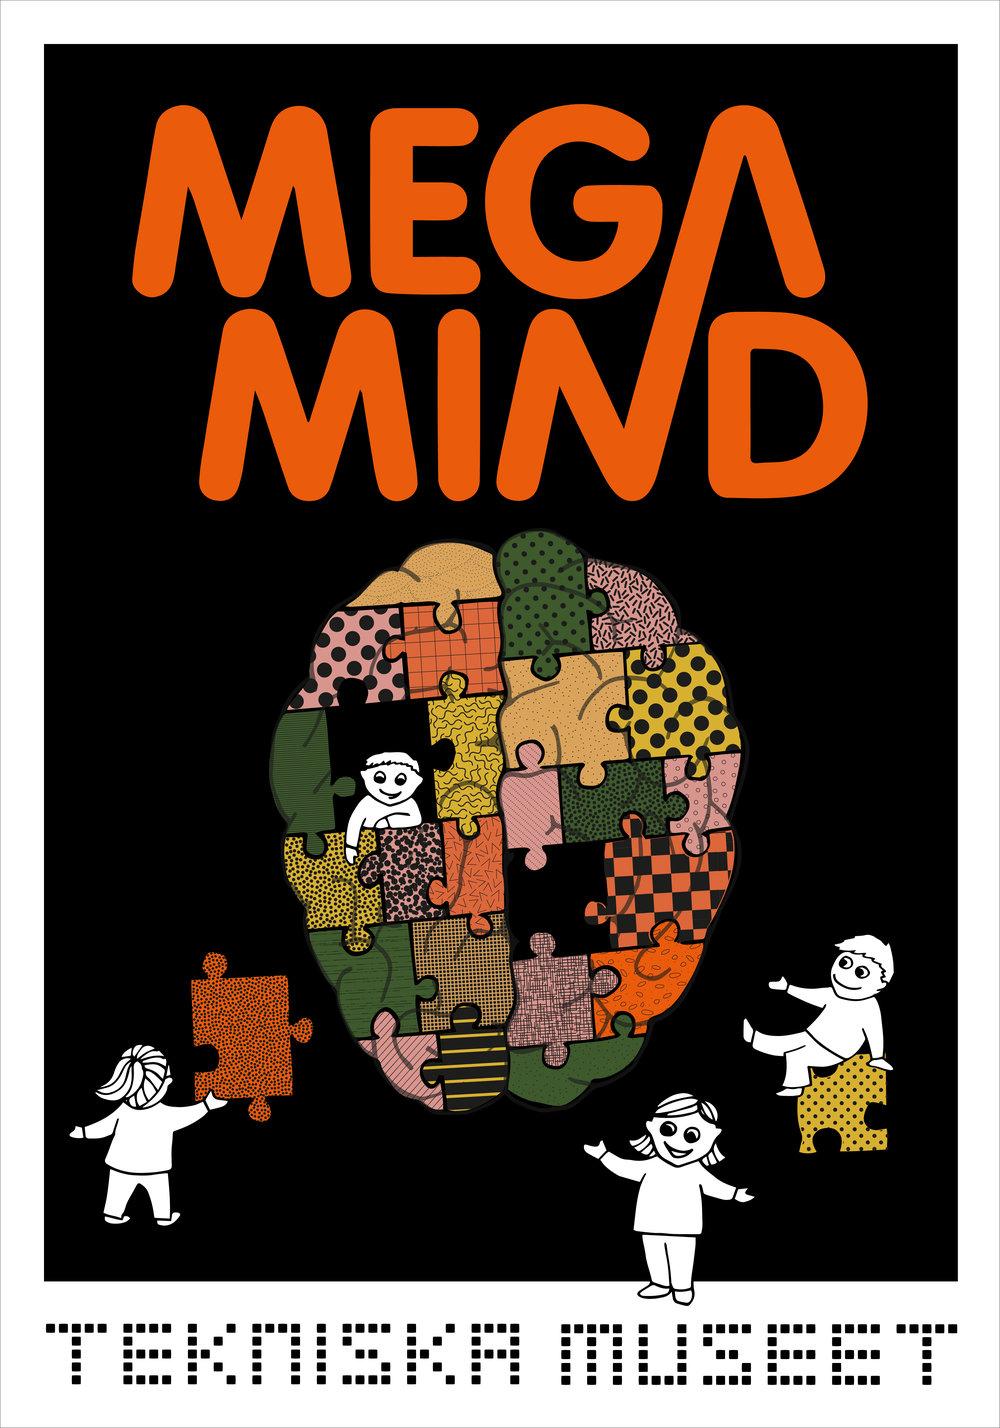 Annika Mega Mind-01.jpg